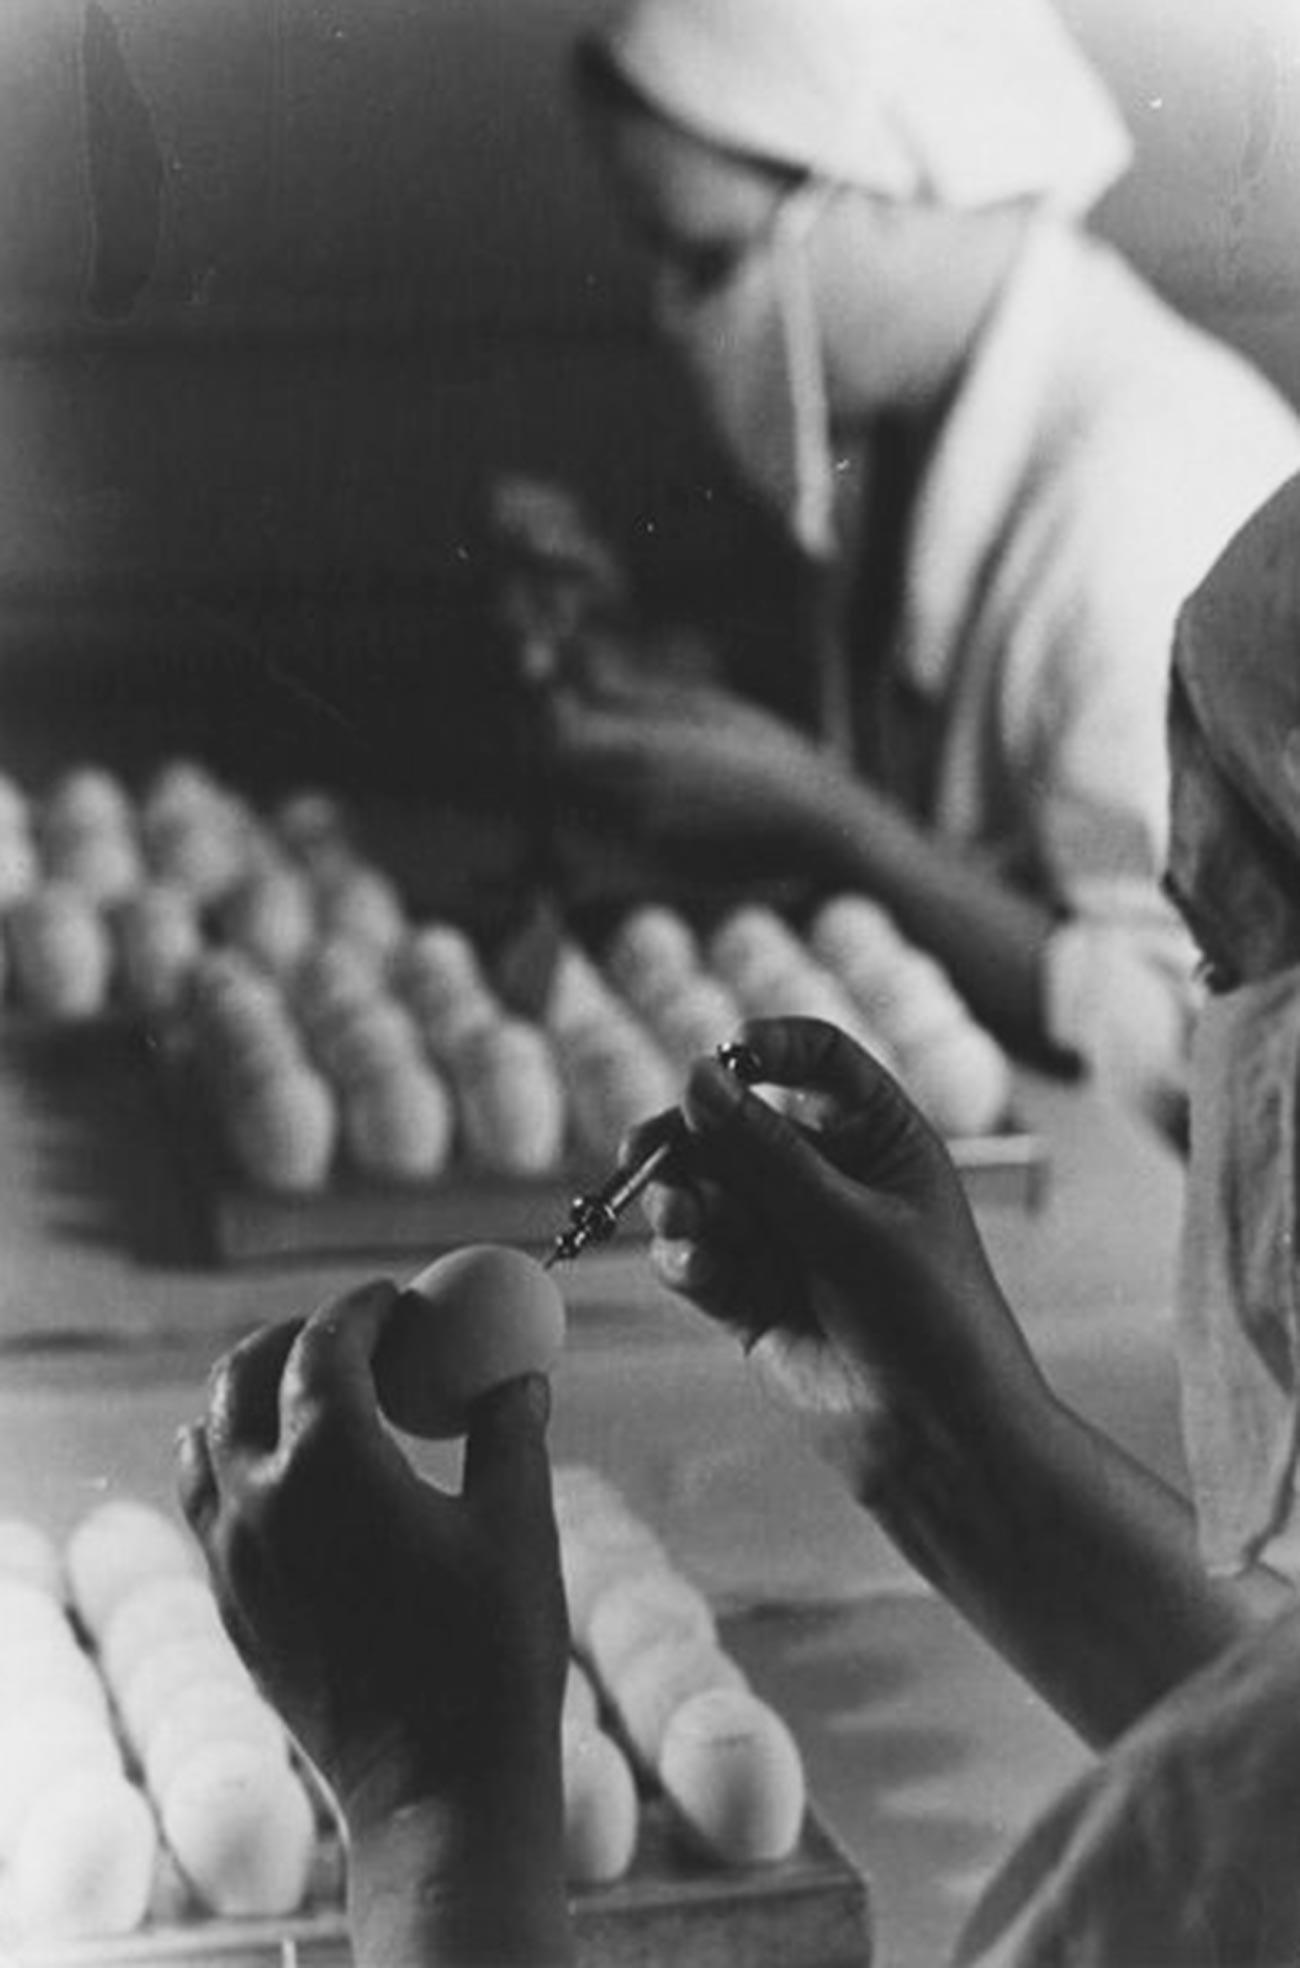 Tests de vaccination contre la grippe, années 1950